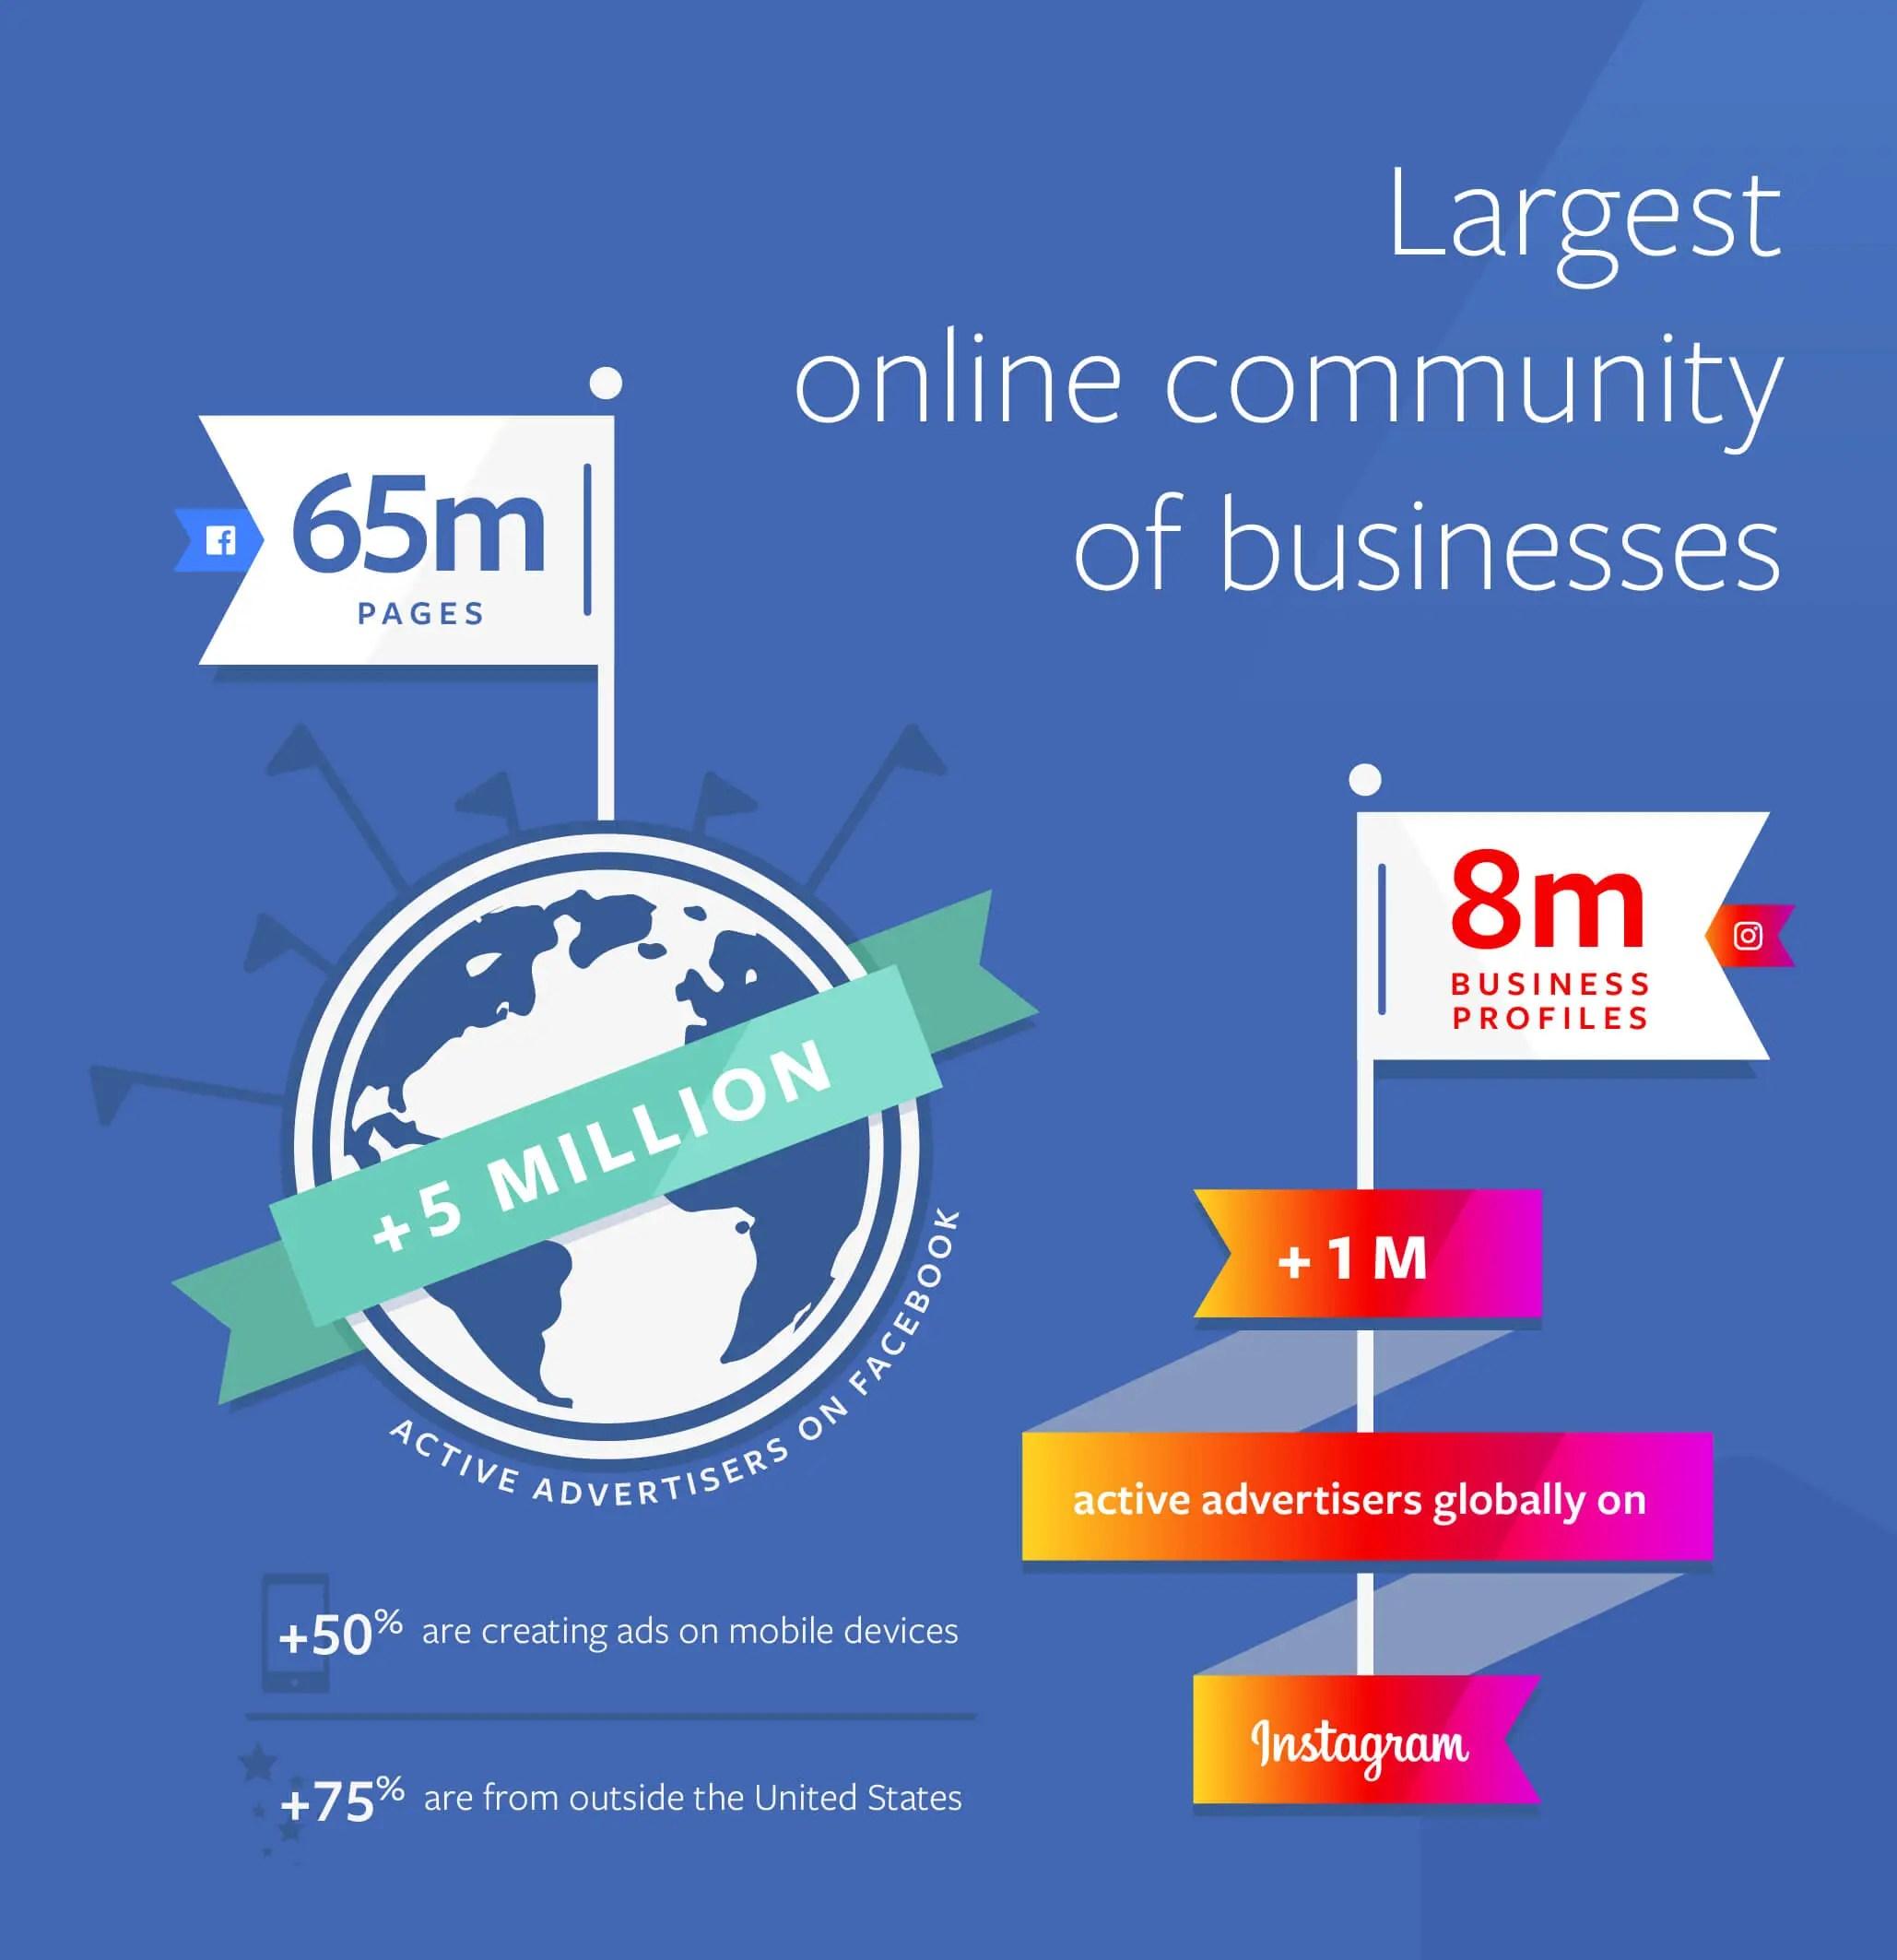 wersm-facebook-business-community